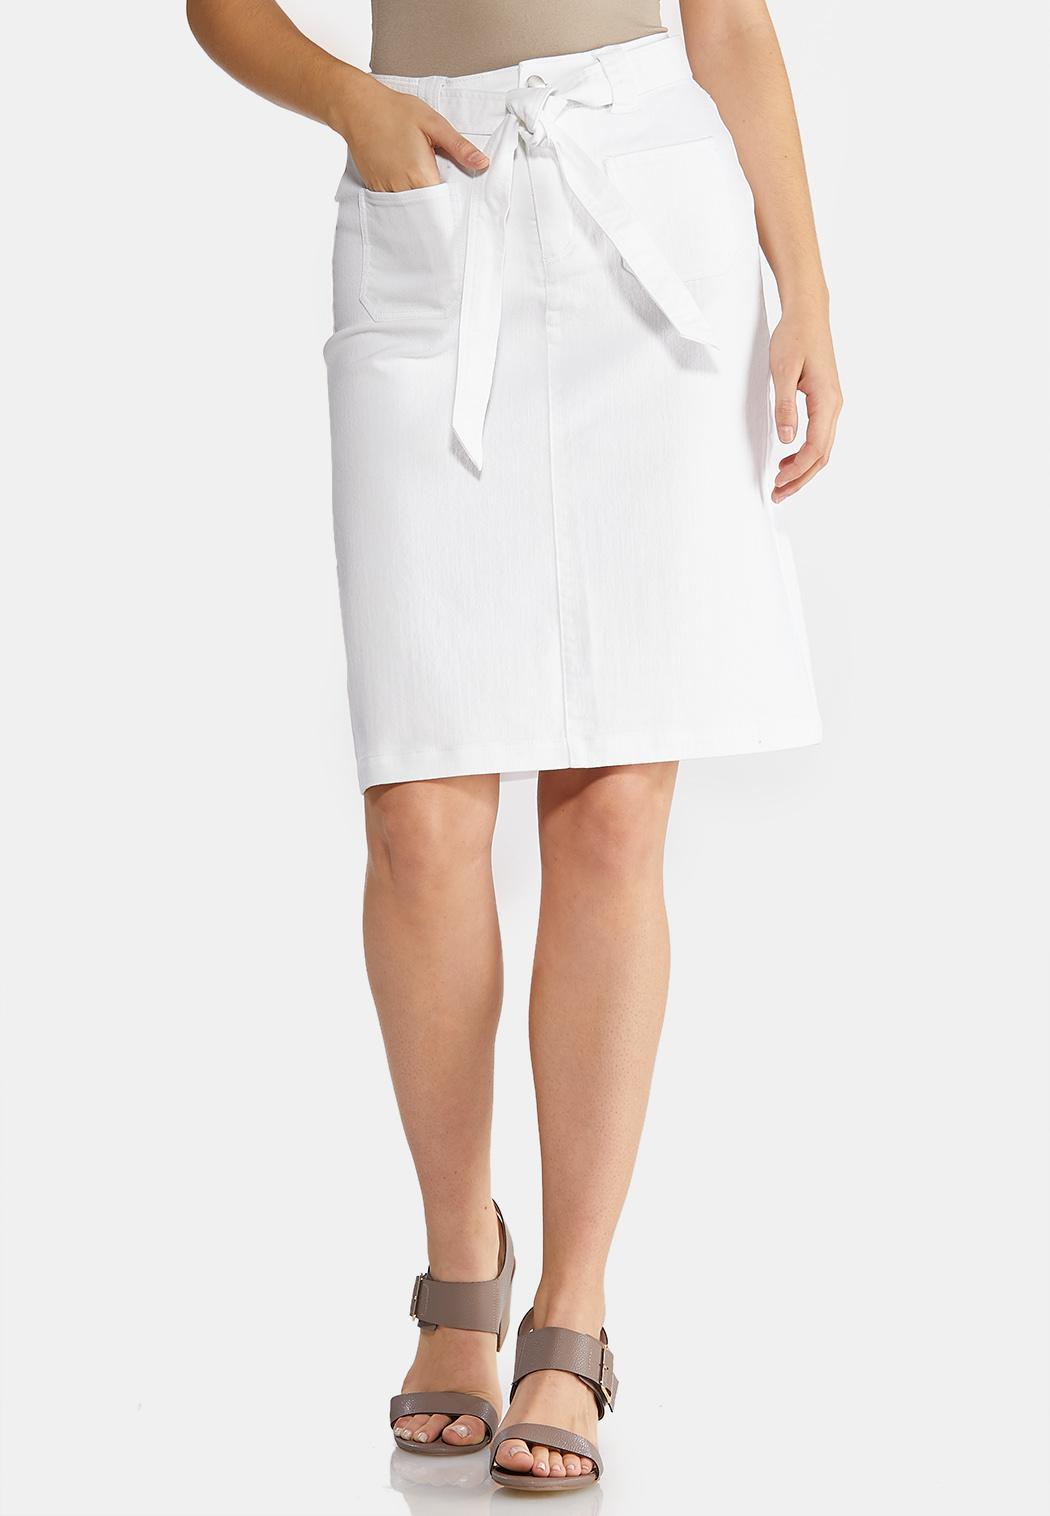 cb12eb7552 Plus Size Tie Belt White Denim Skirt Skirts Cato Fashions